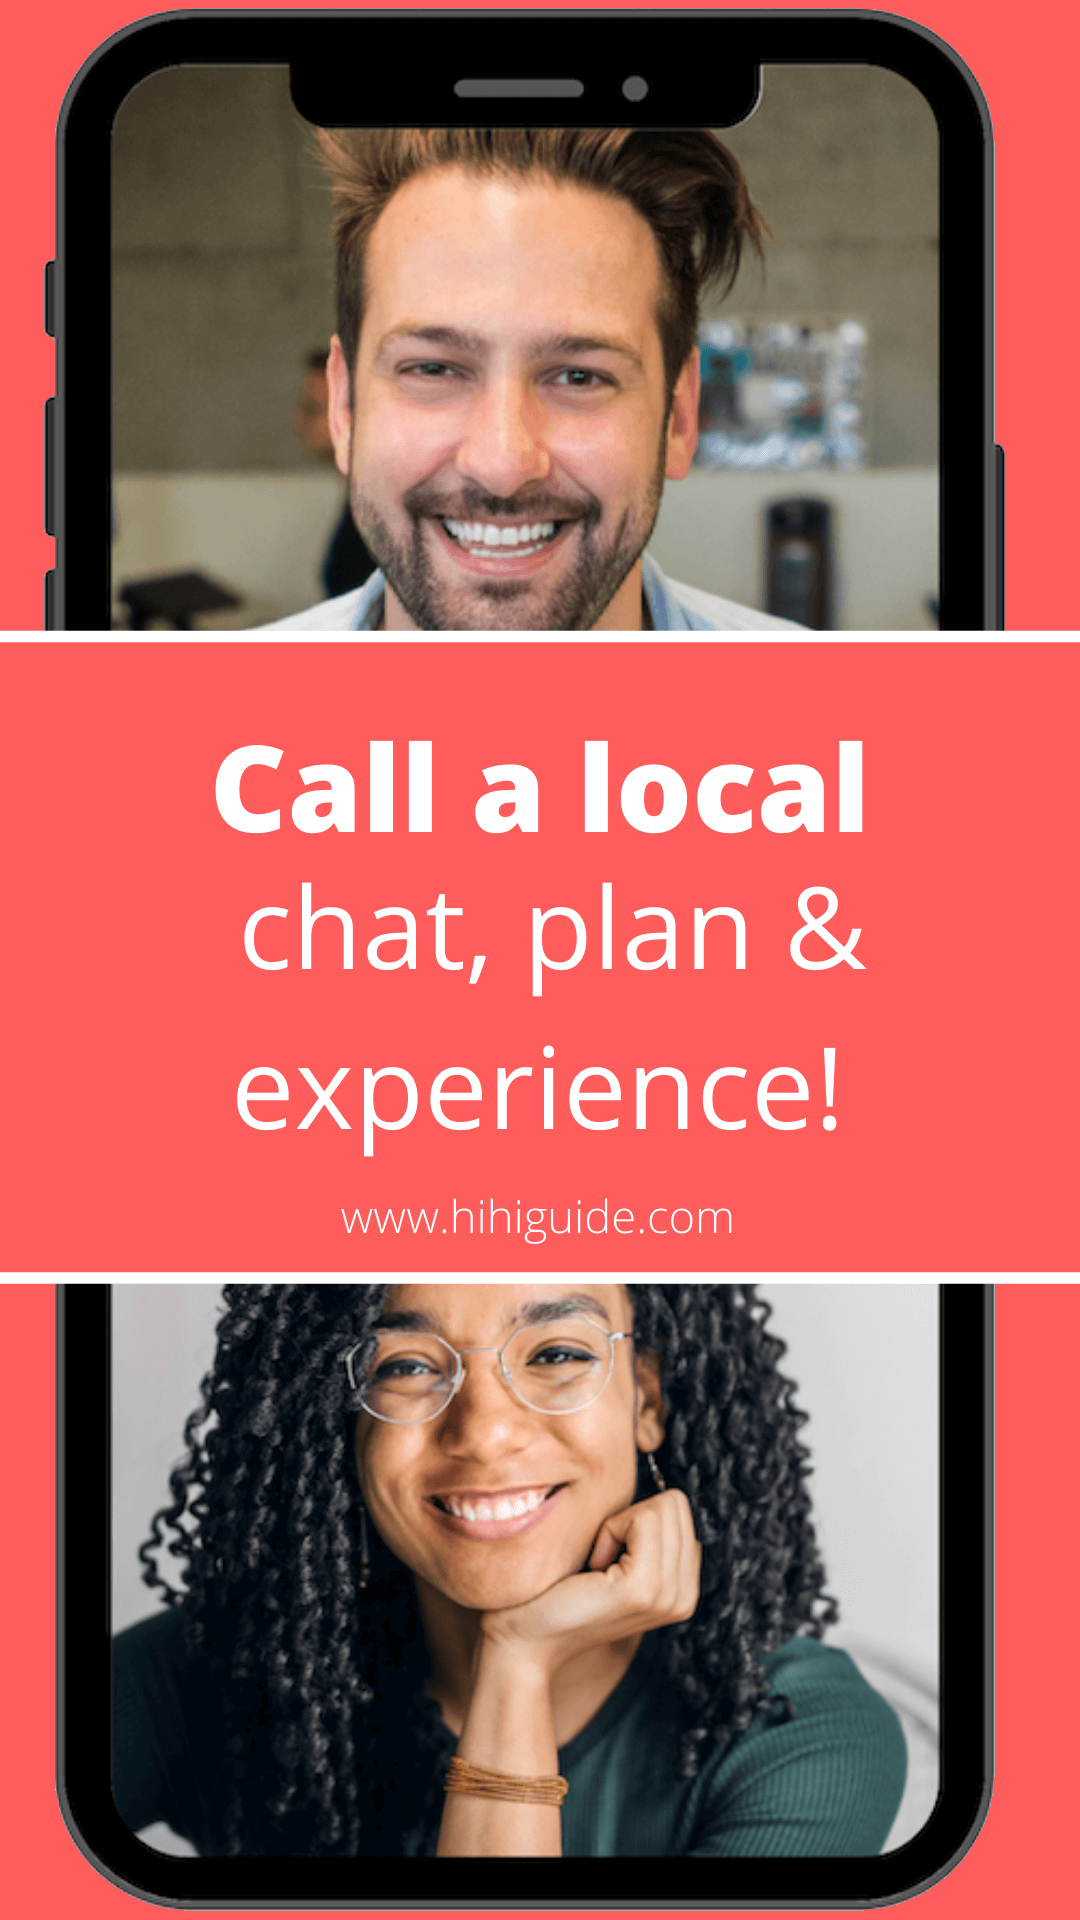 Call a local